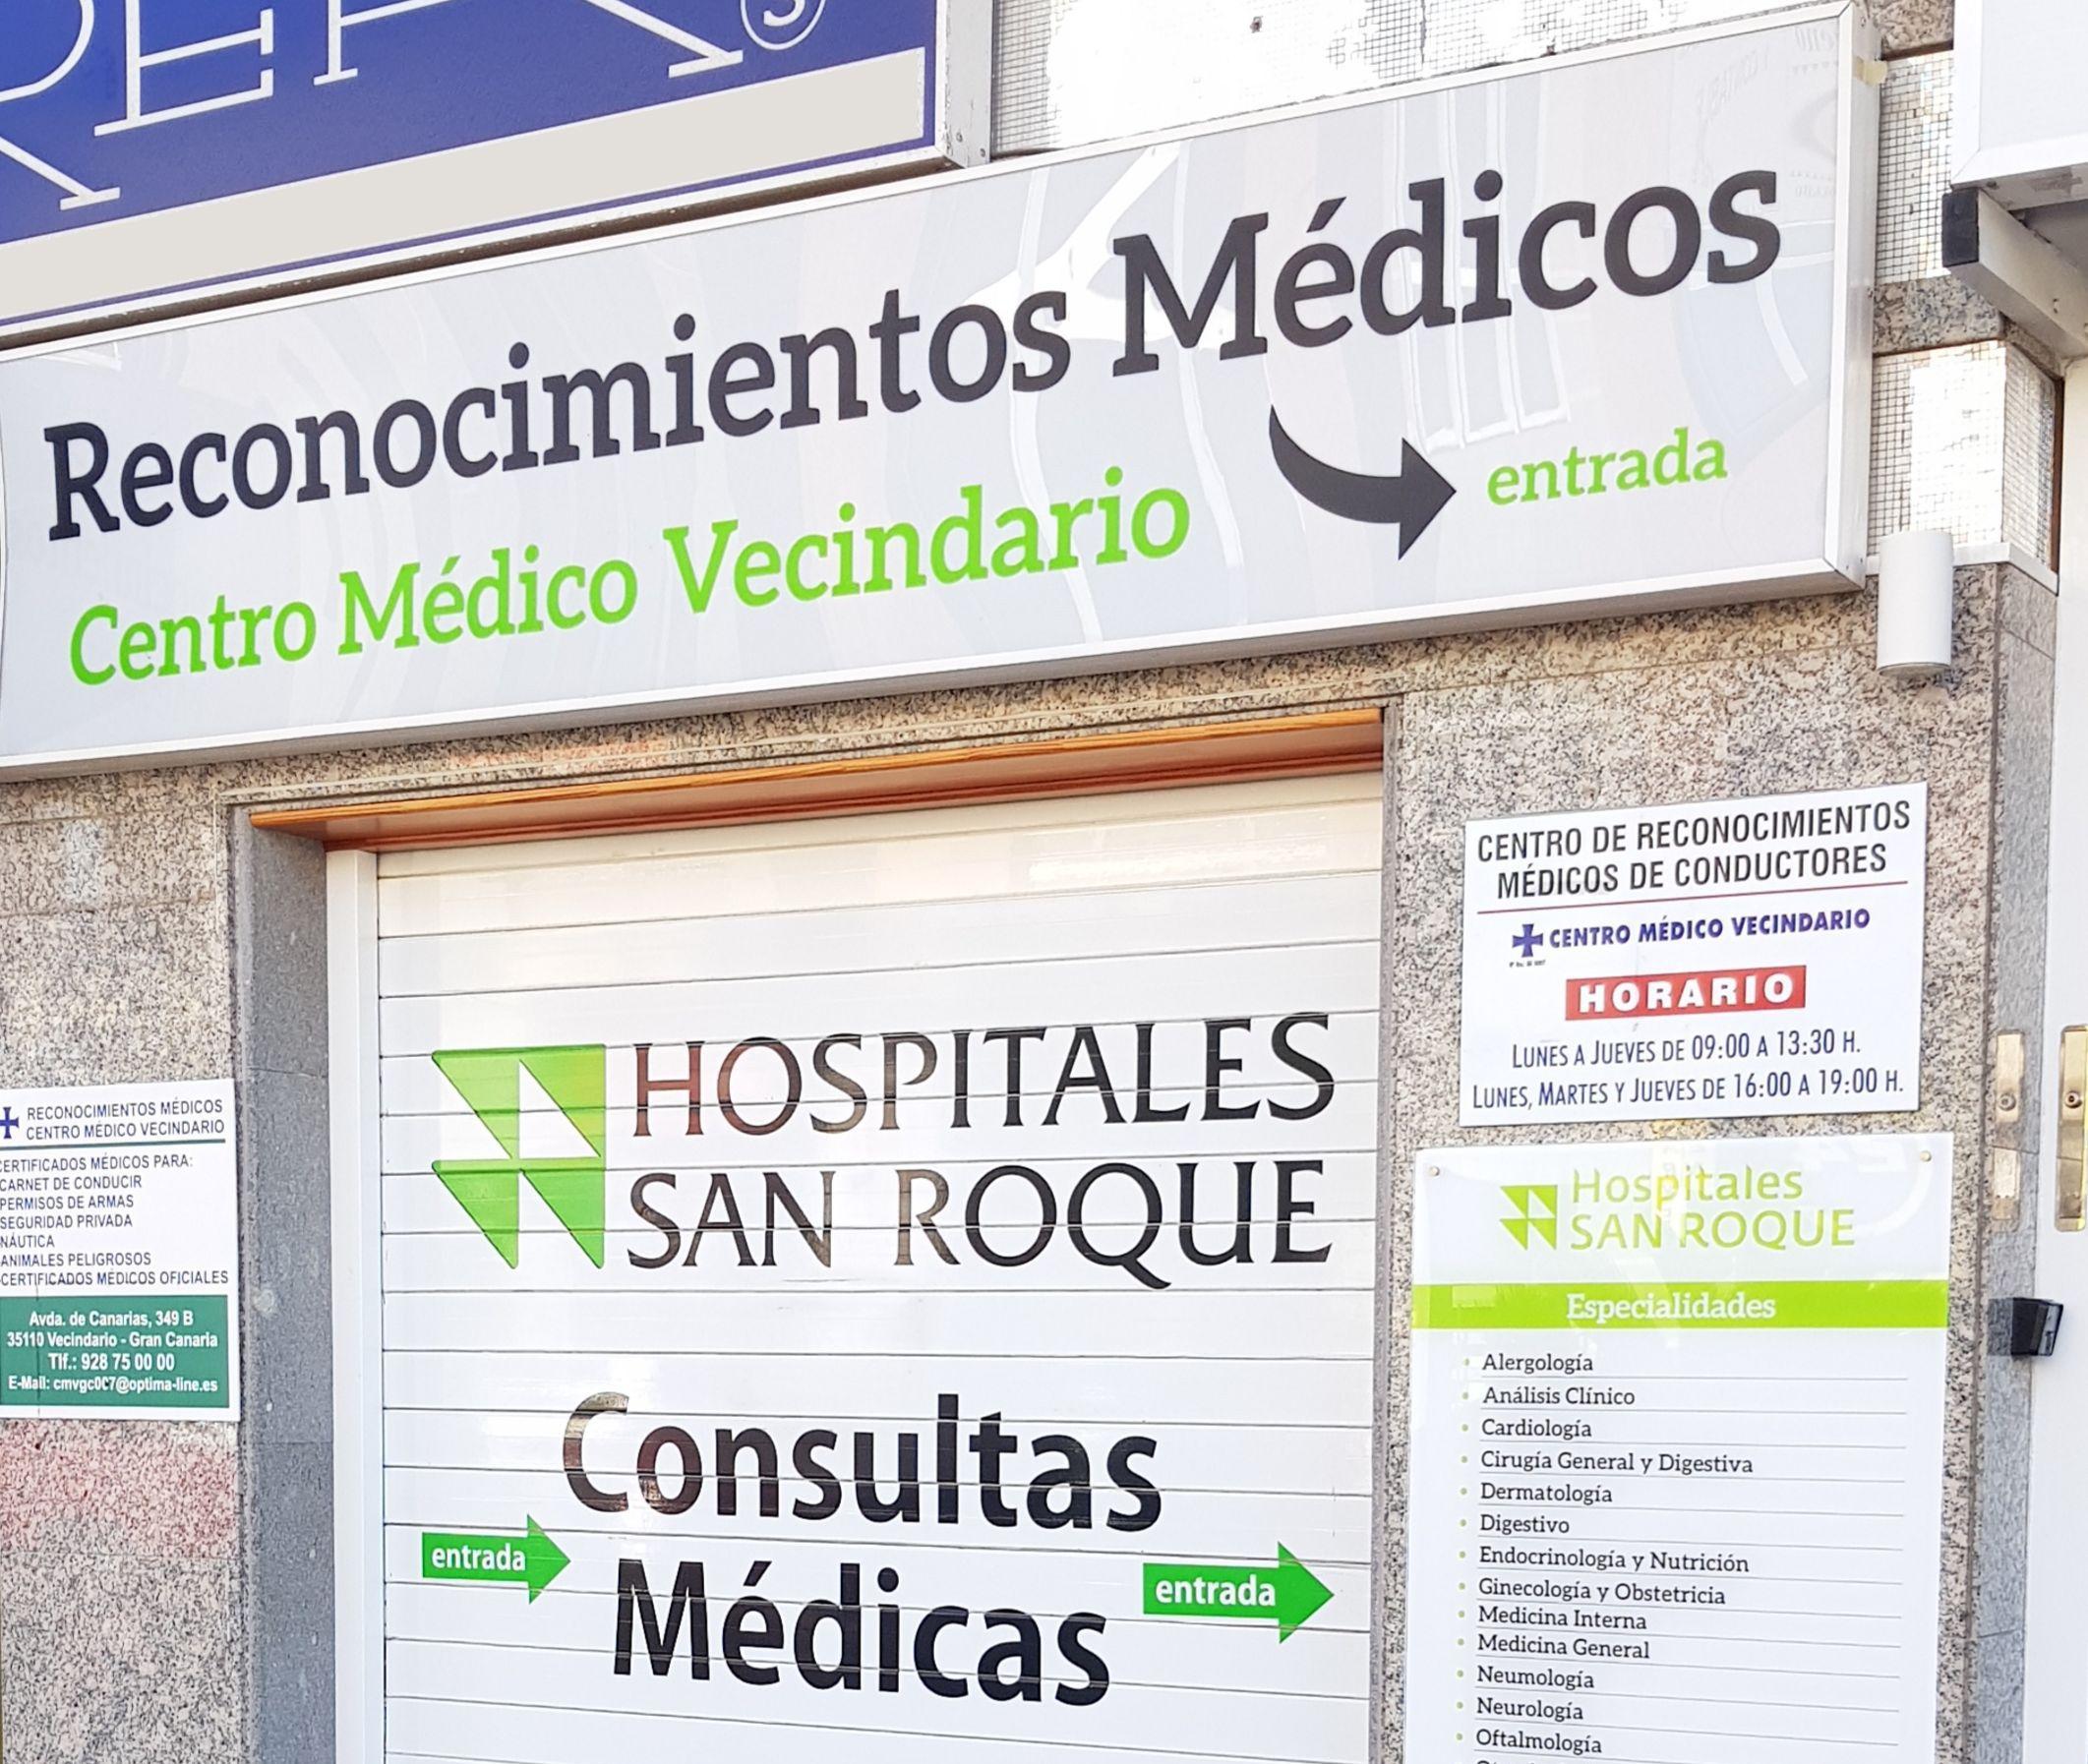 Reconocimientos médicos económicos en Vecindario, Gran Canaria